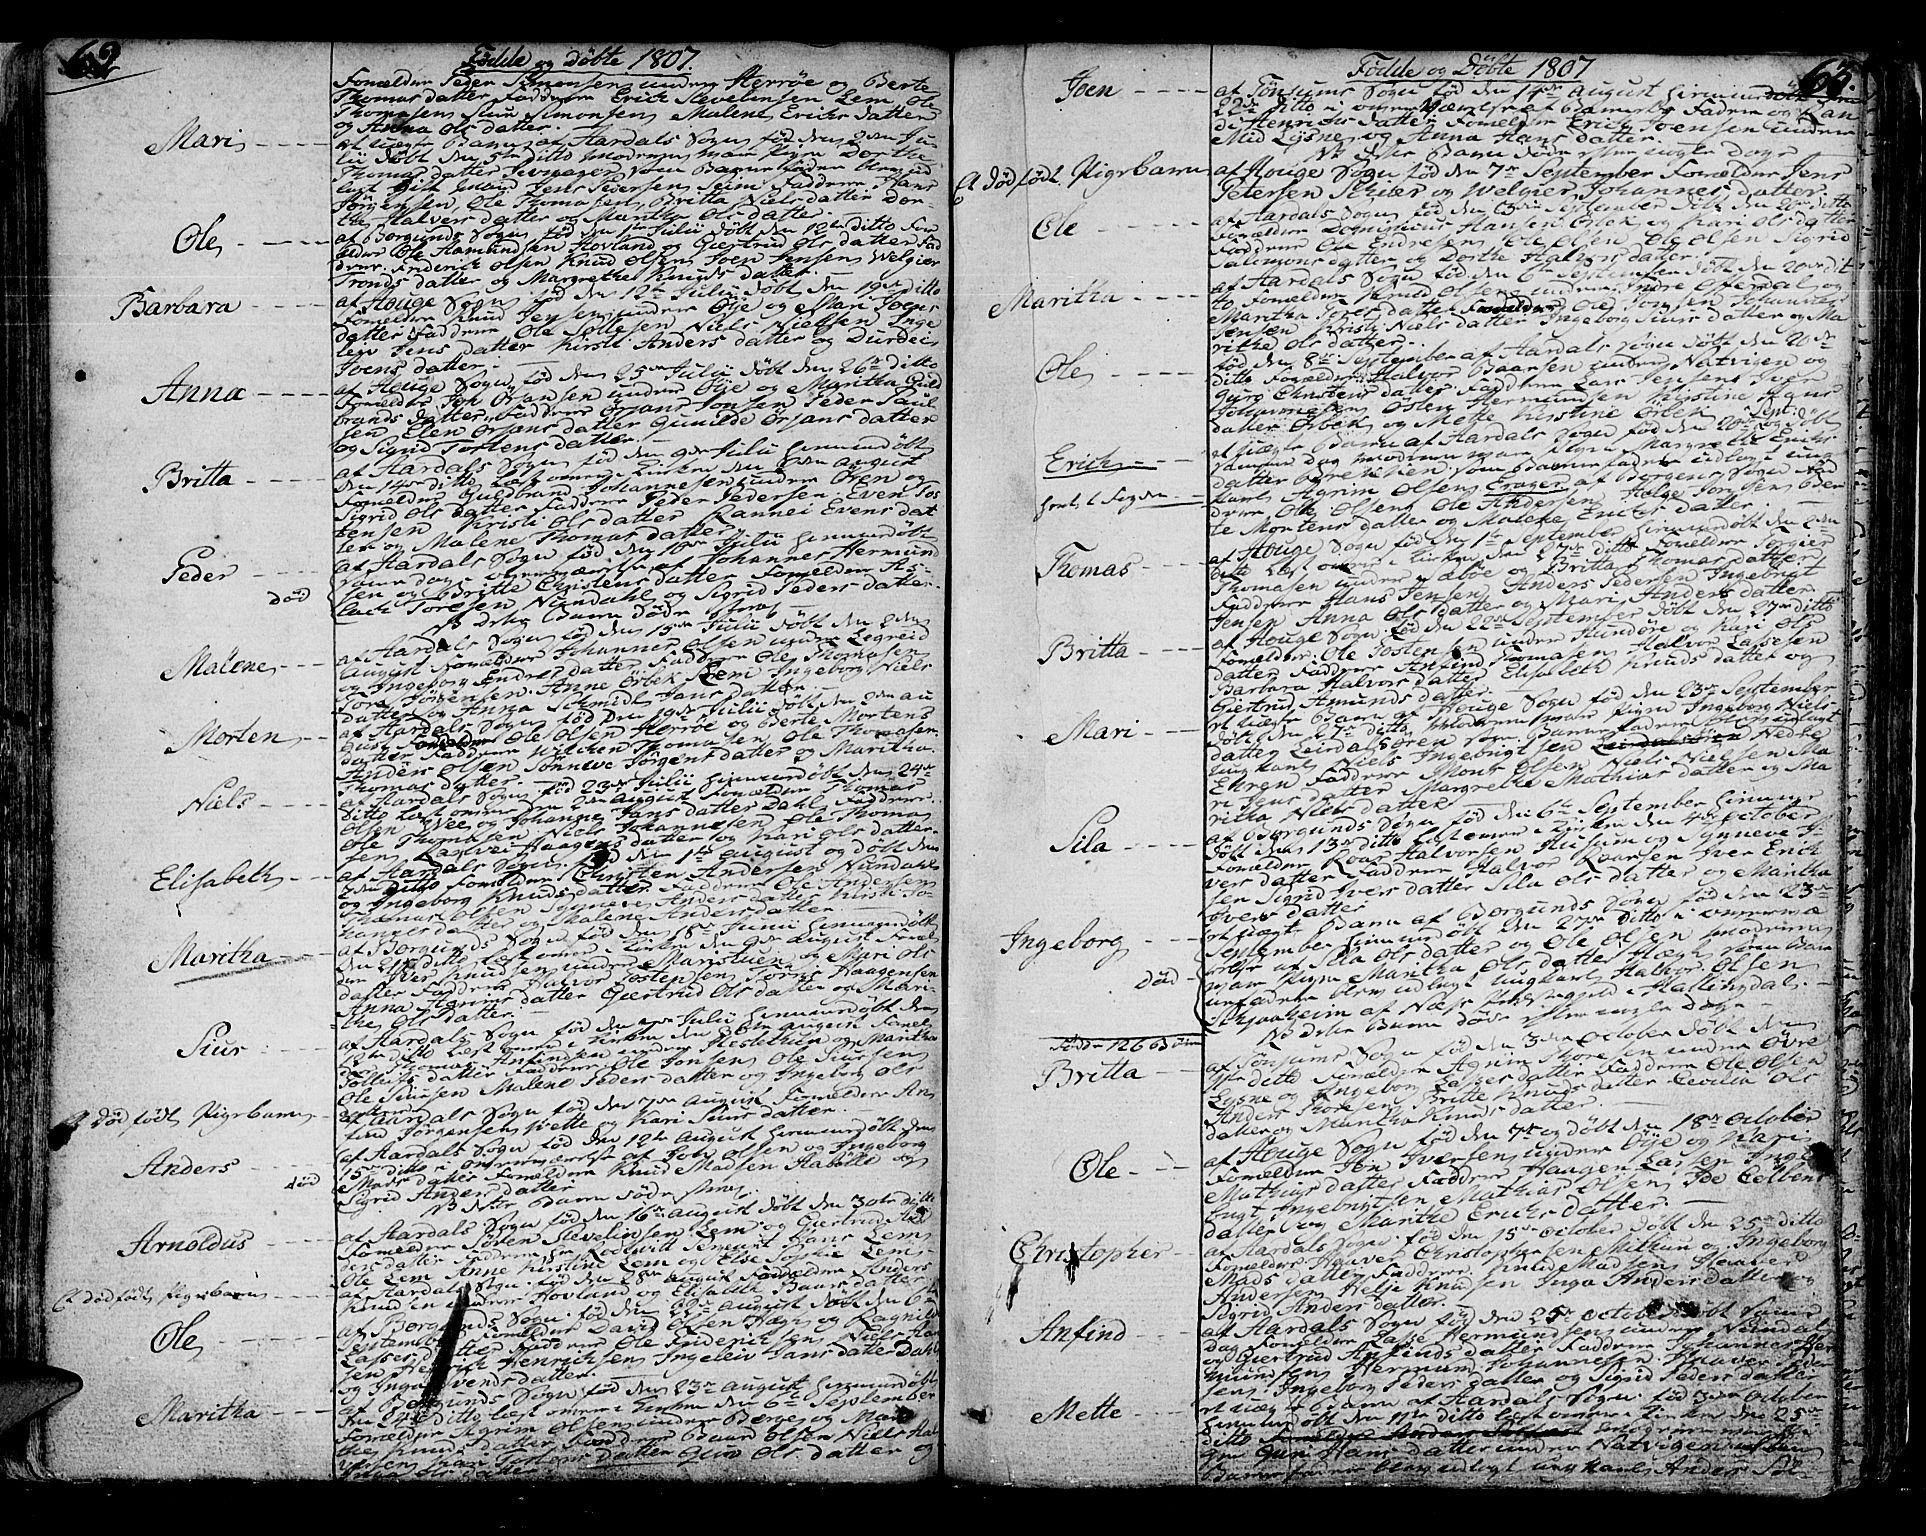 SAB, Lærdal sokneprestembete, Ministerialbok nr. A 4, 1805-1821, s. 62-63